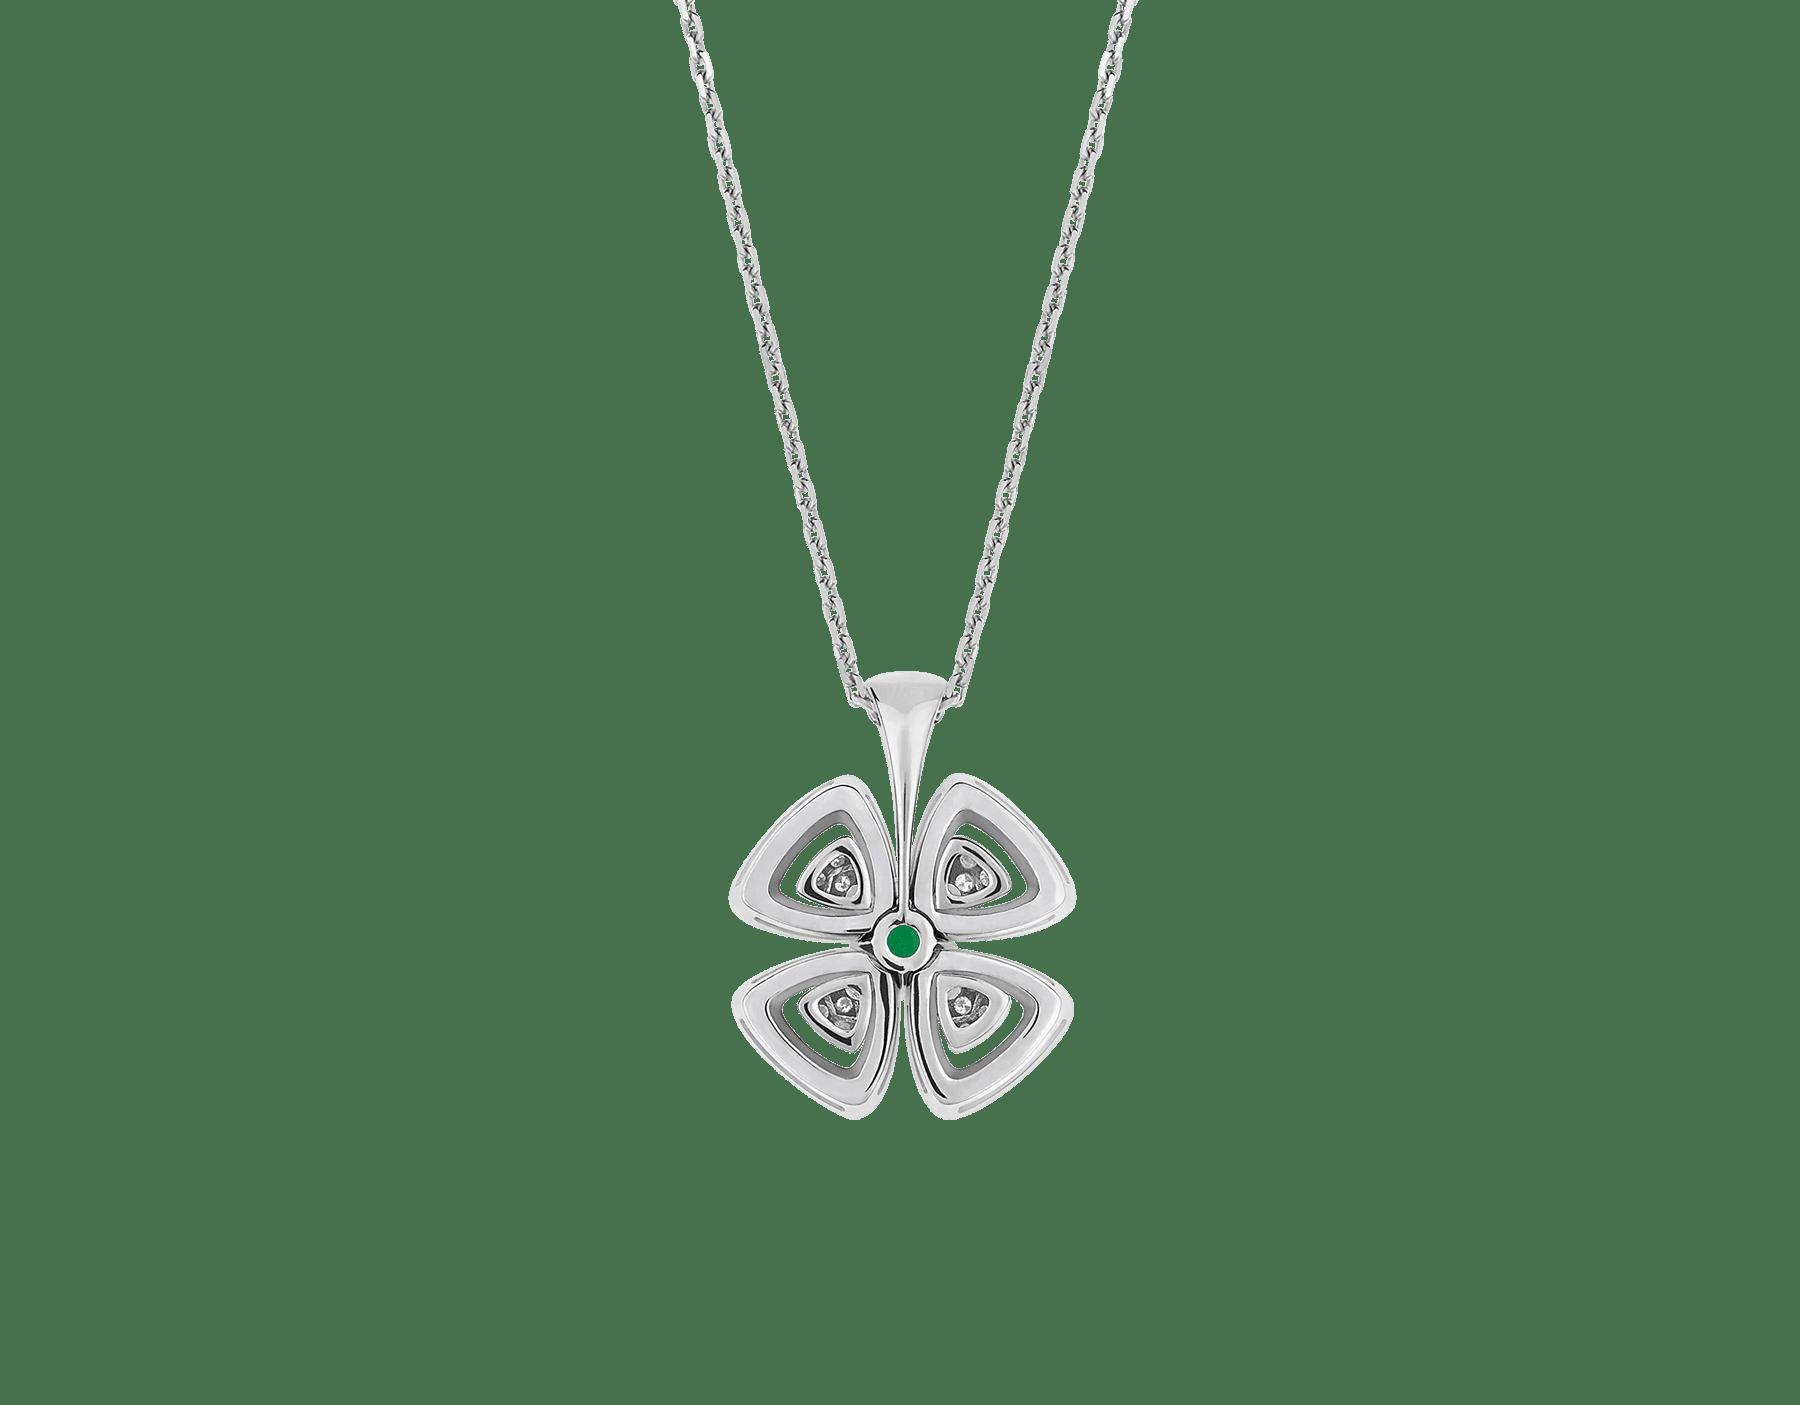 Colar com pingente Fiorever em ouro branco 18K cravejado com uma esmeralda central lapidação brilhante (0,30ct) e pavê de diamantes (0,31ct) 358427 image 4